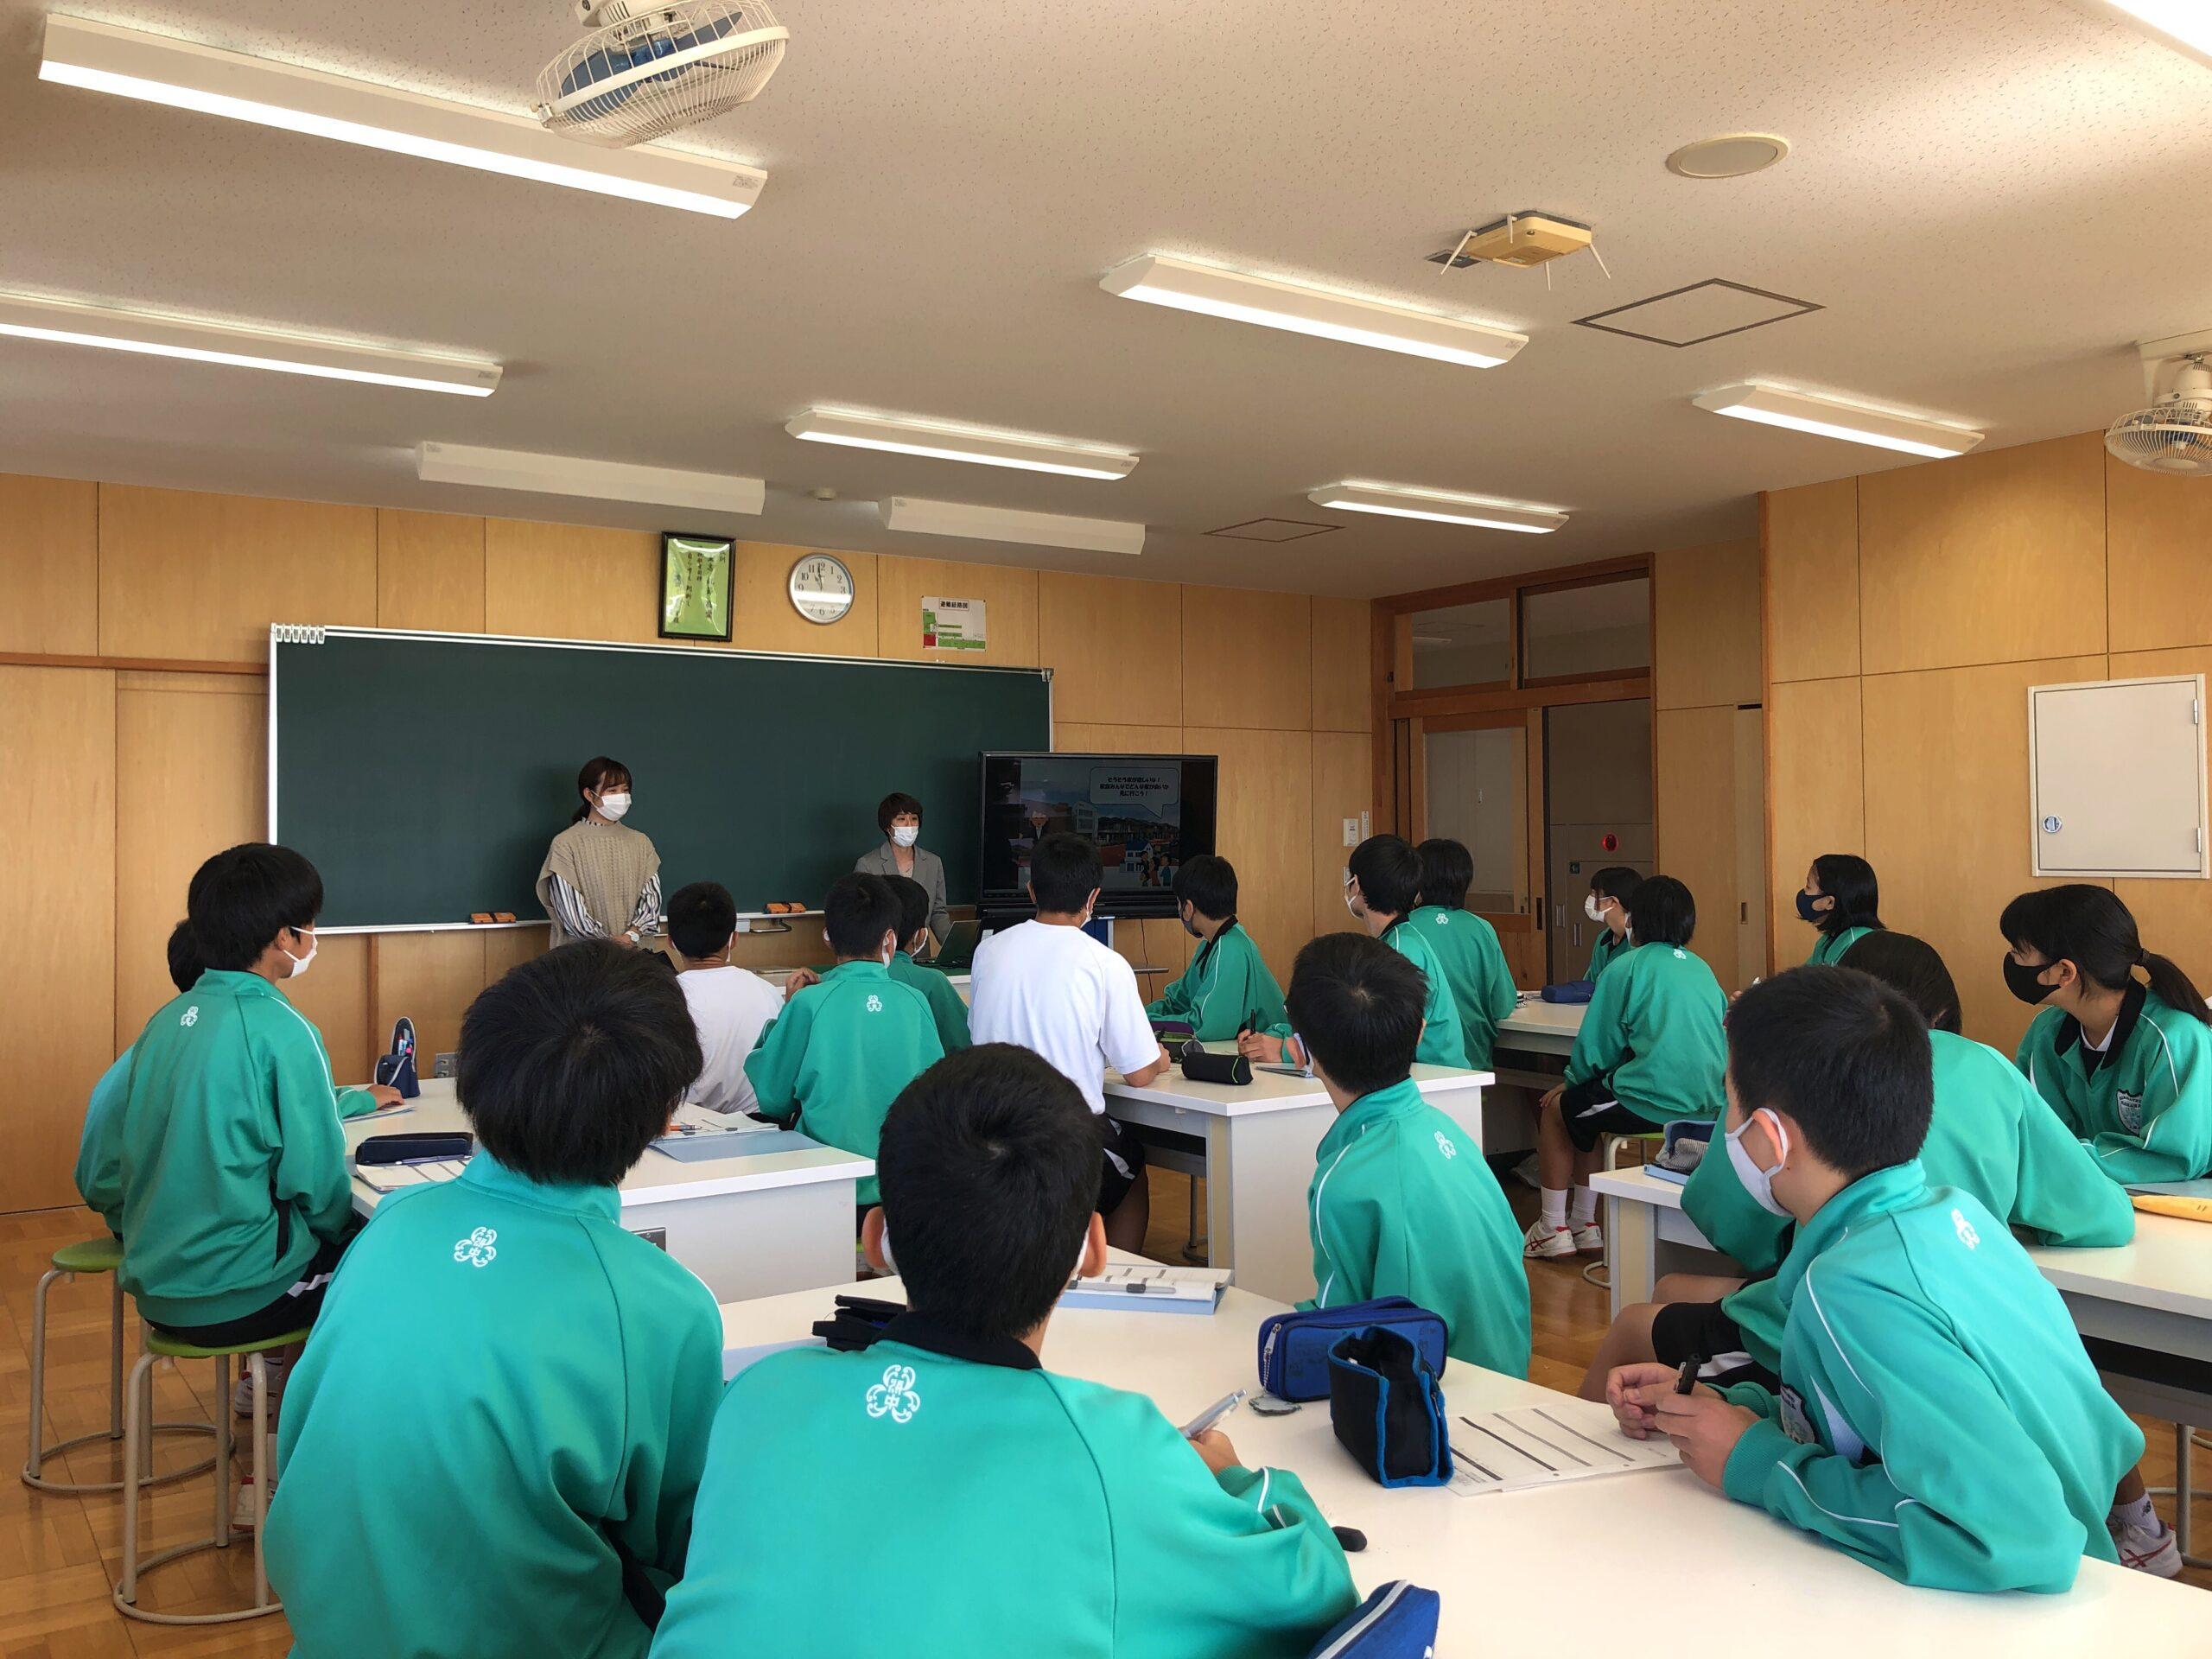 中学校での職業講話